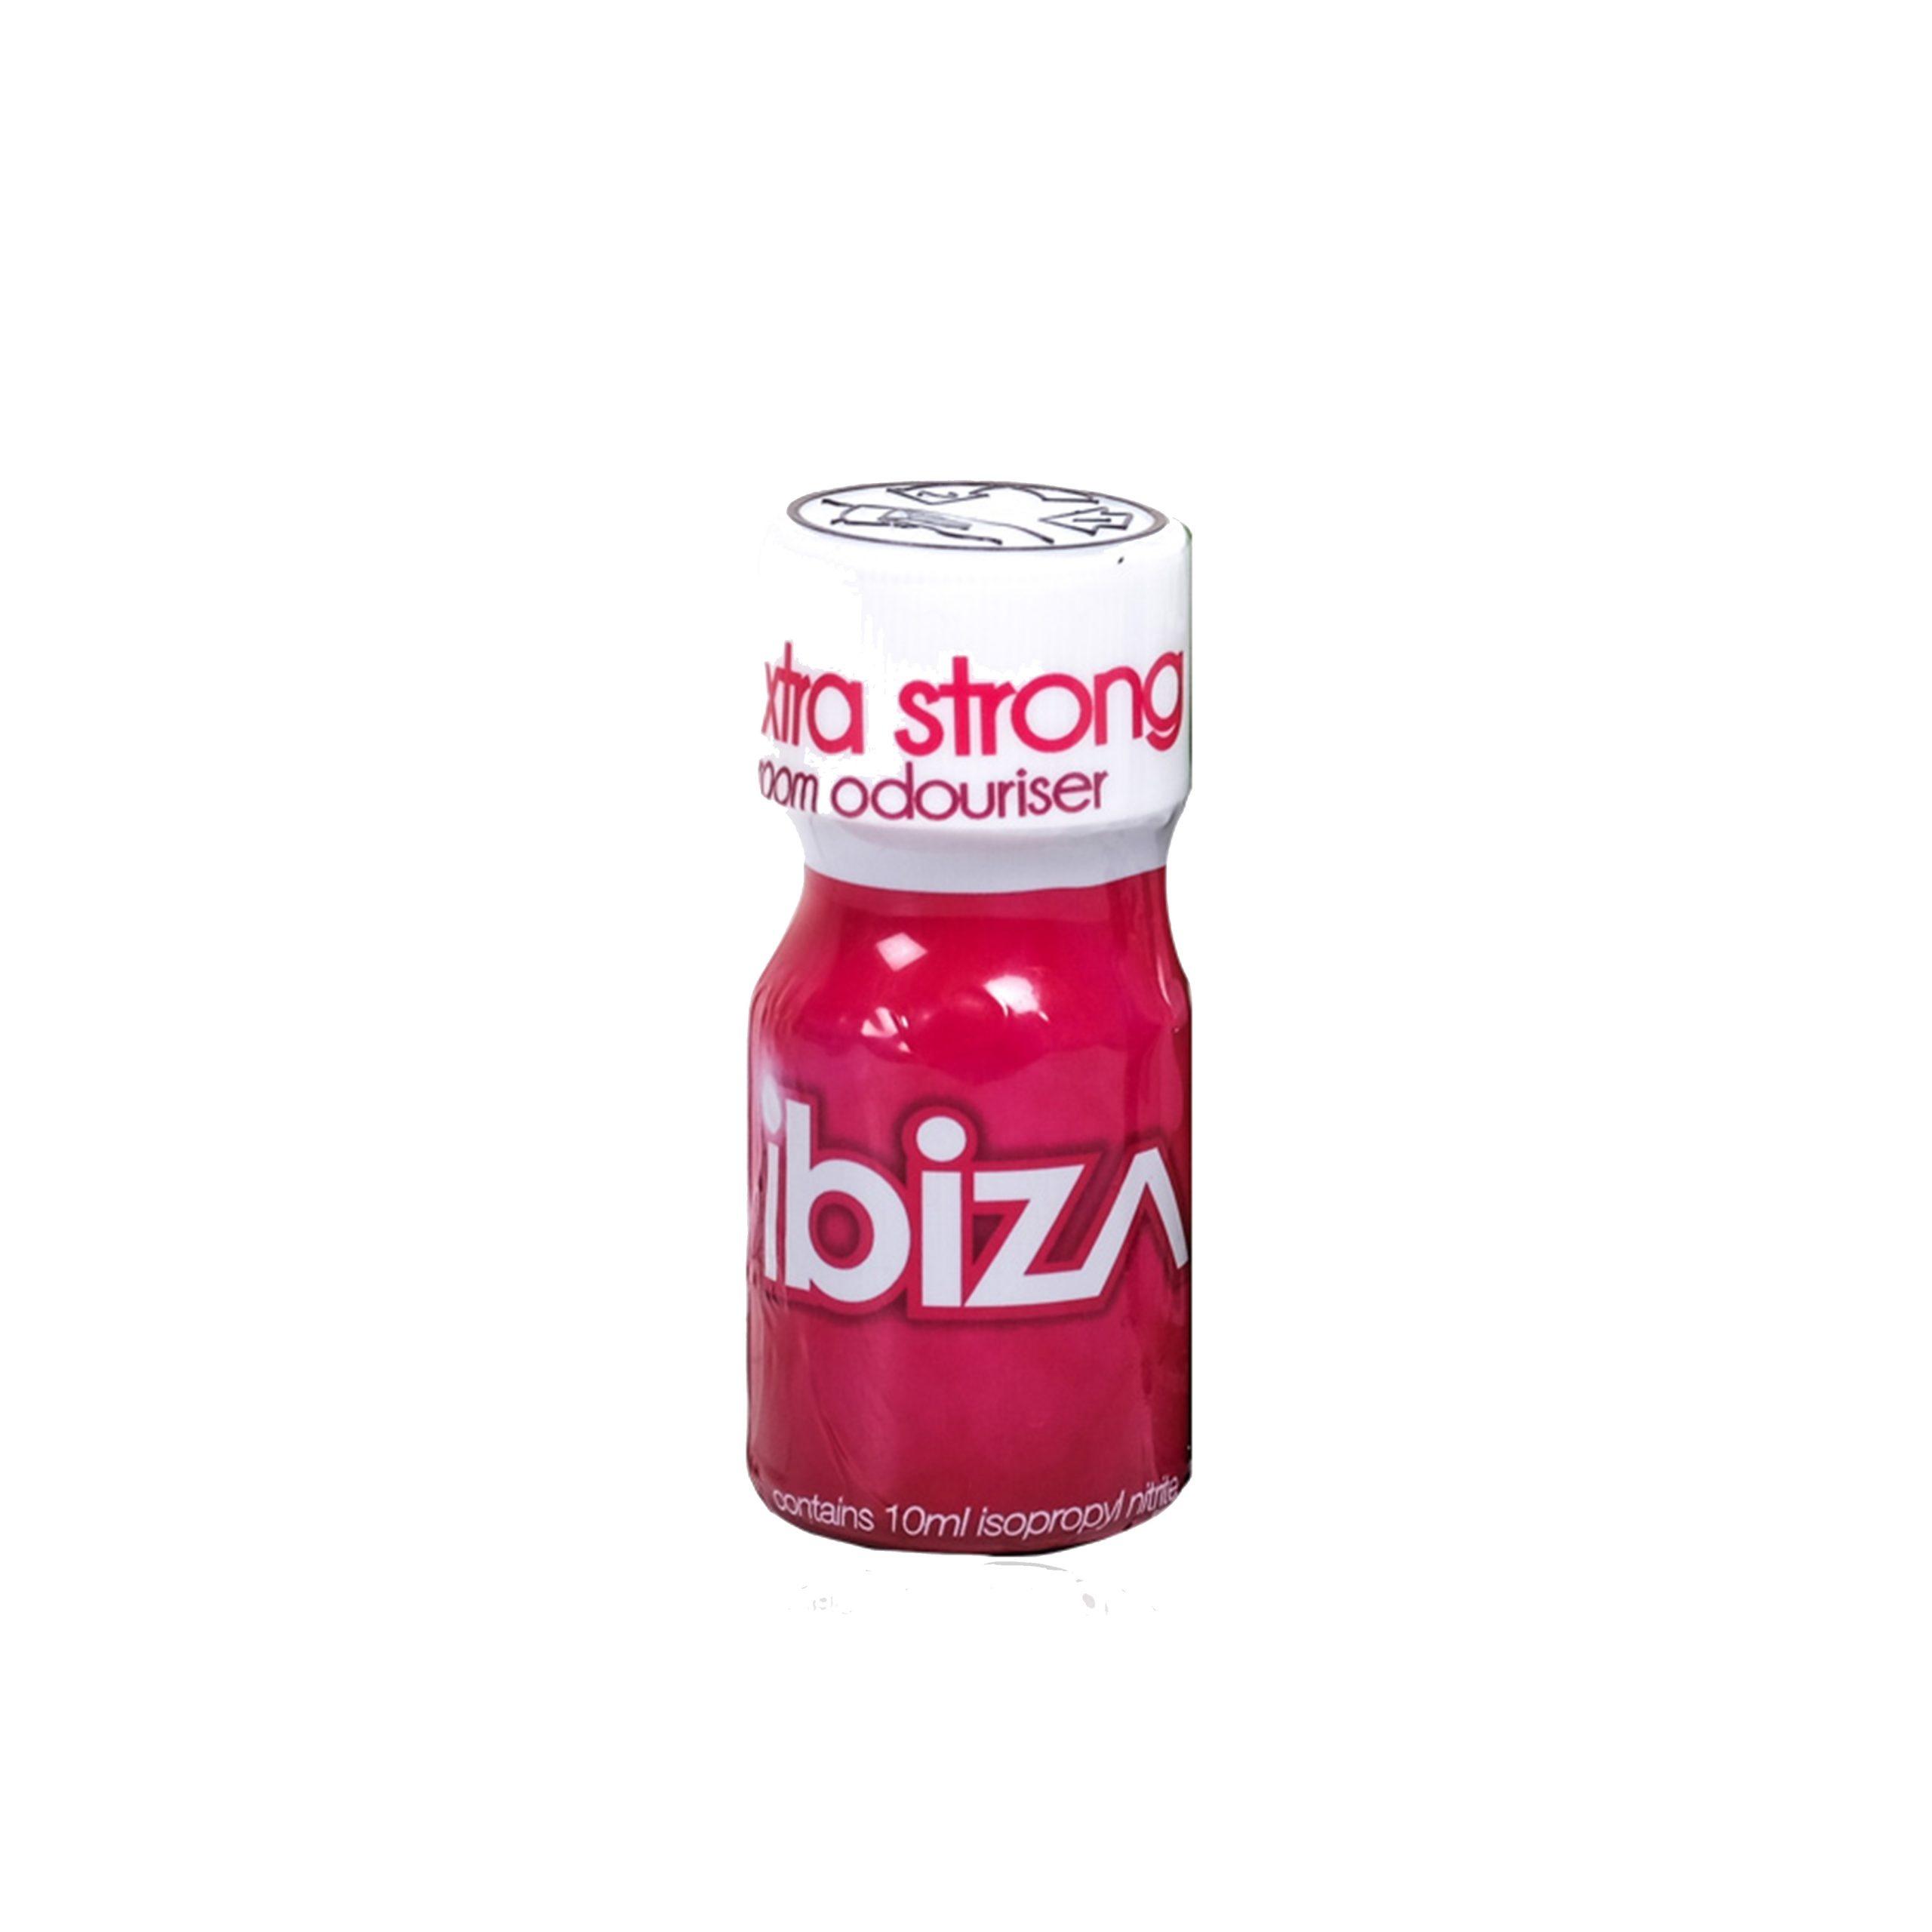 Ibiza Room Odouriser 10ML Bottle – Isopropyl Nitrite